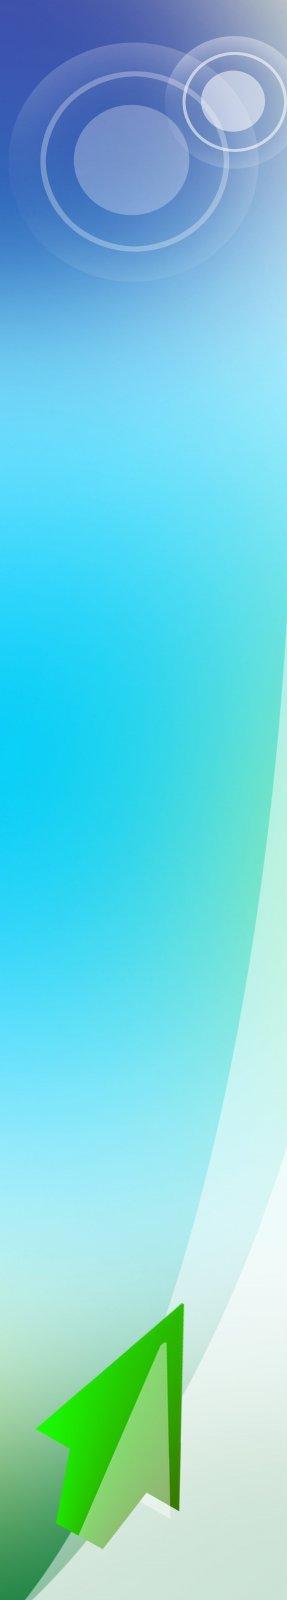 ps分层专区 广告设计 展板模板  关键词: 蓝色背景 白色元素 绿色箭头